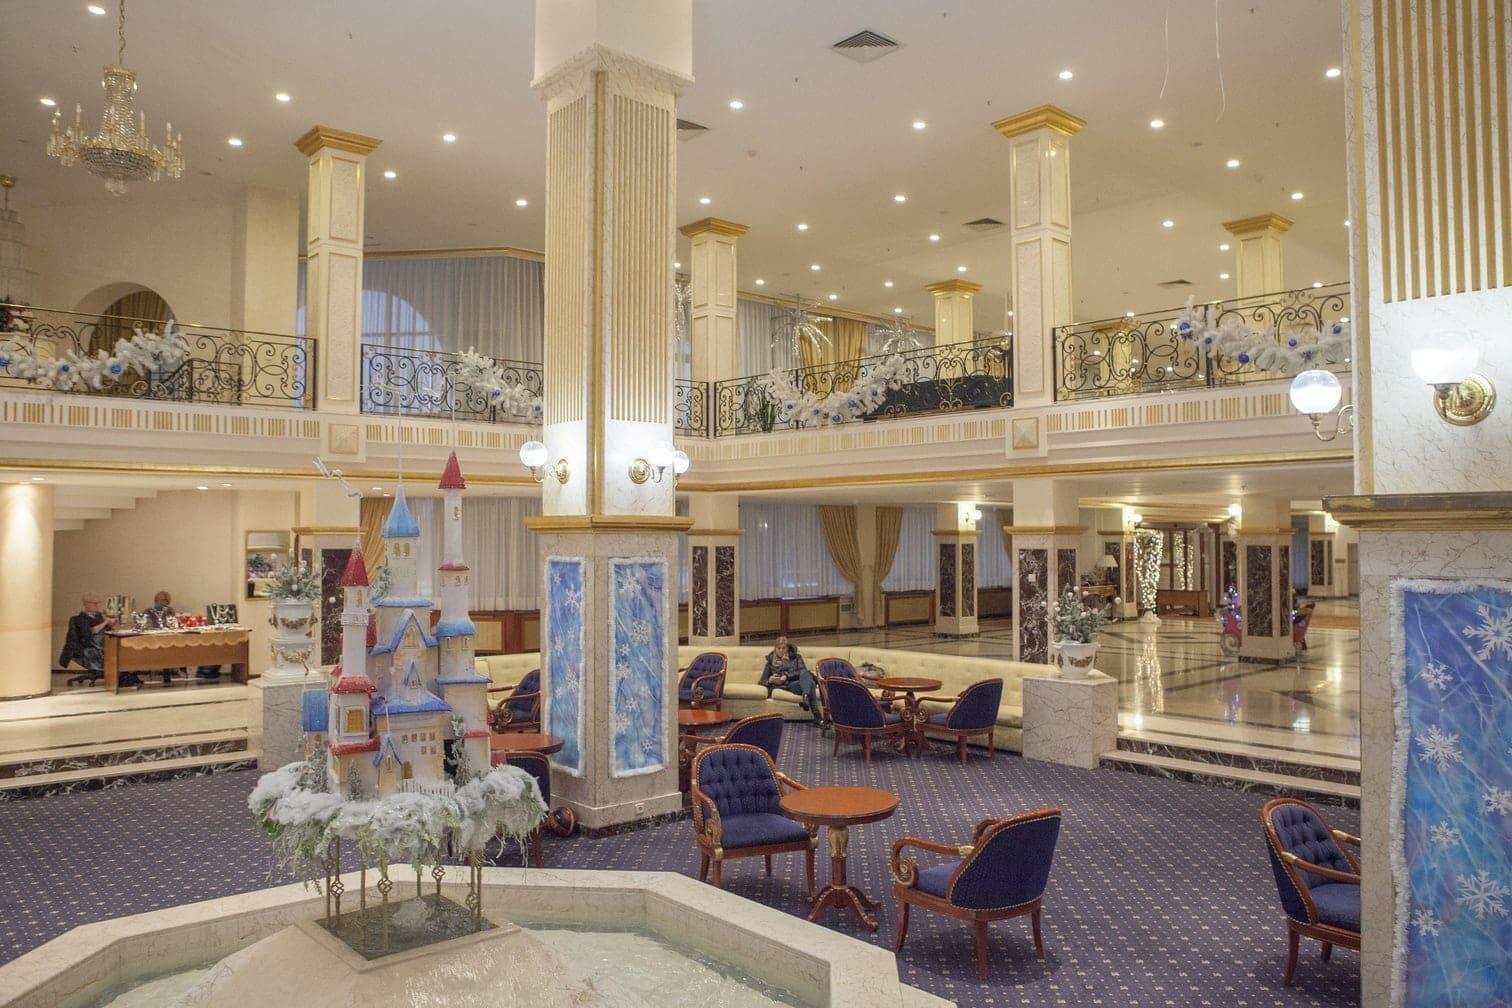 <p>So sieht die Lobby des Watutinki Spa-Hotels aus. Hier residiert die deutsche Nationalmannschaft während der Fußball-WM in Russland.</p> Foto: dpa